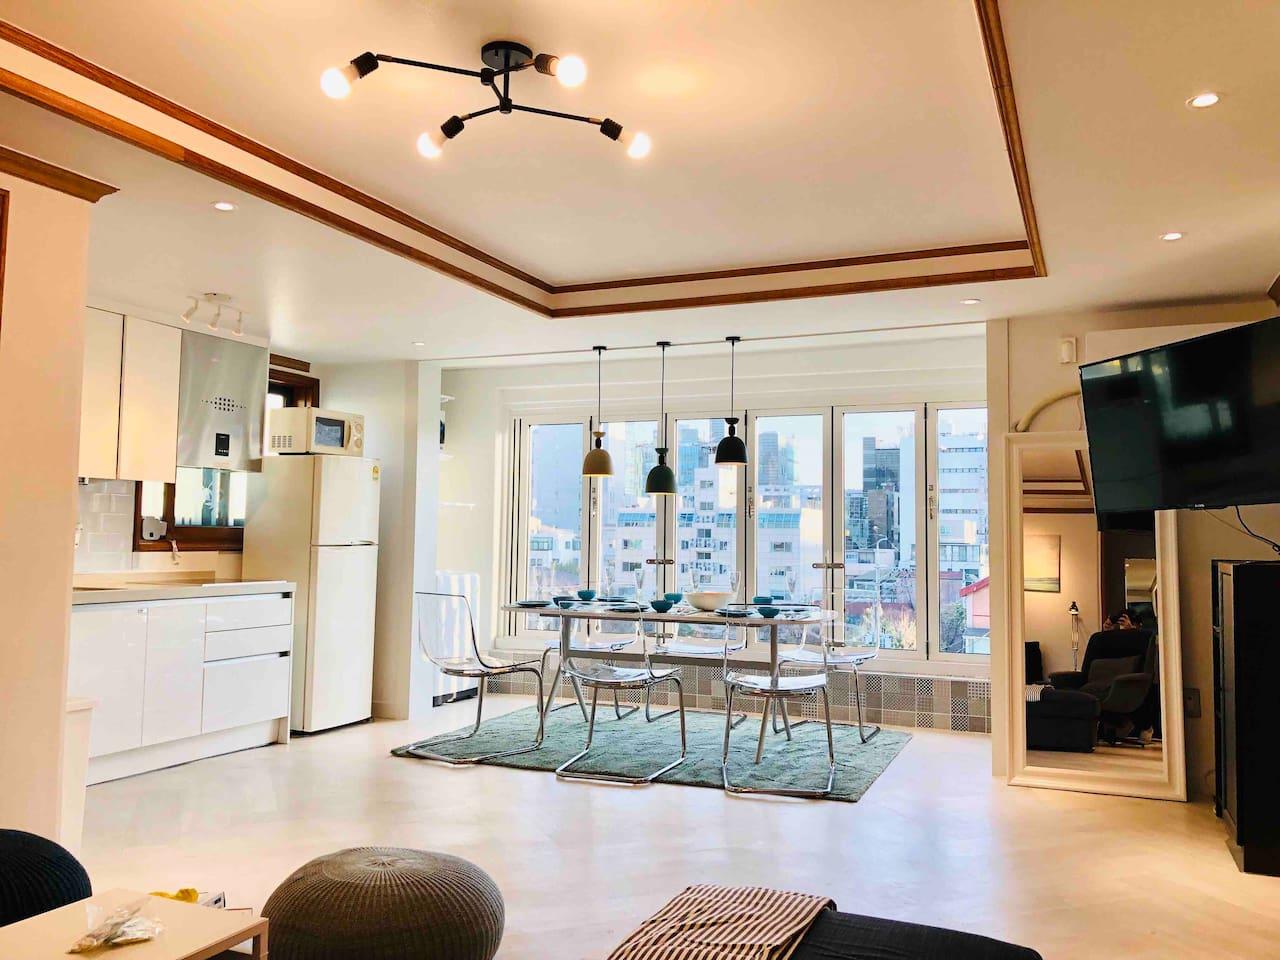 완전히 개방되는 베란다 창문 앞에 6인용 테이블이 따뜻한 Carpet 위에 놓여있어 서울 야경을 즐기며 식사를 하실수 있습니다. 거실과 주방이 Open되어 있는 구조로 여럿이서 편안히 머무실 수 있습니다.